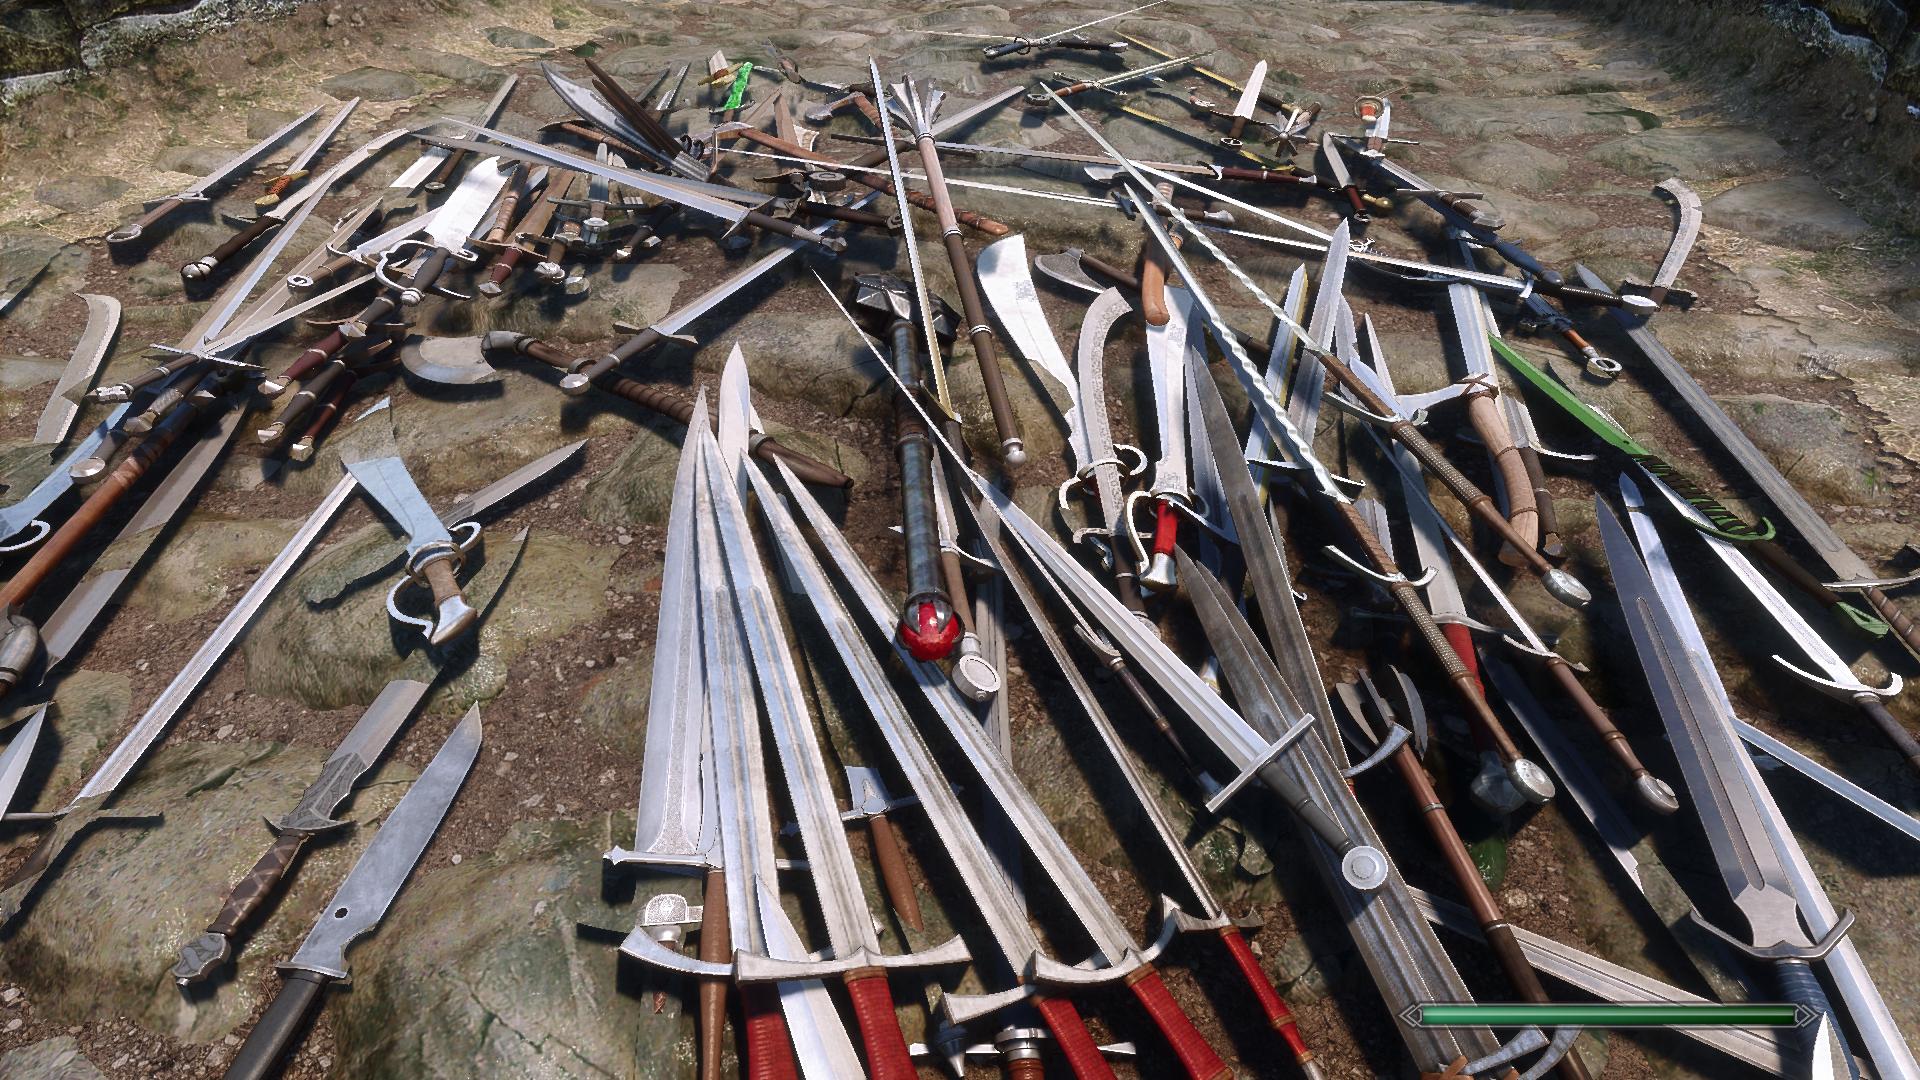 Этот мод на 1 Гб приносит более 100 высококачественного и сбалансированного оружия для The Elder Scrolls V: Skyrim